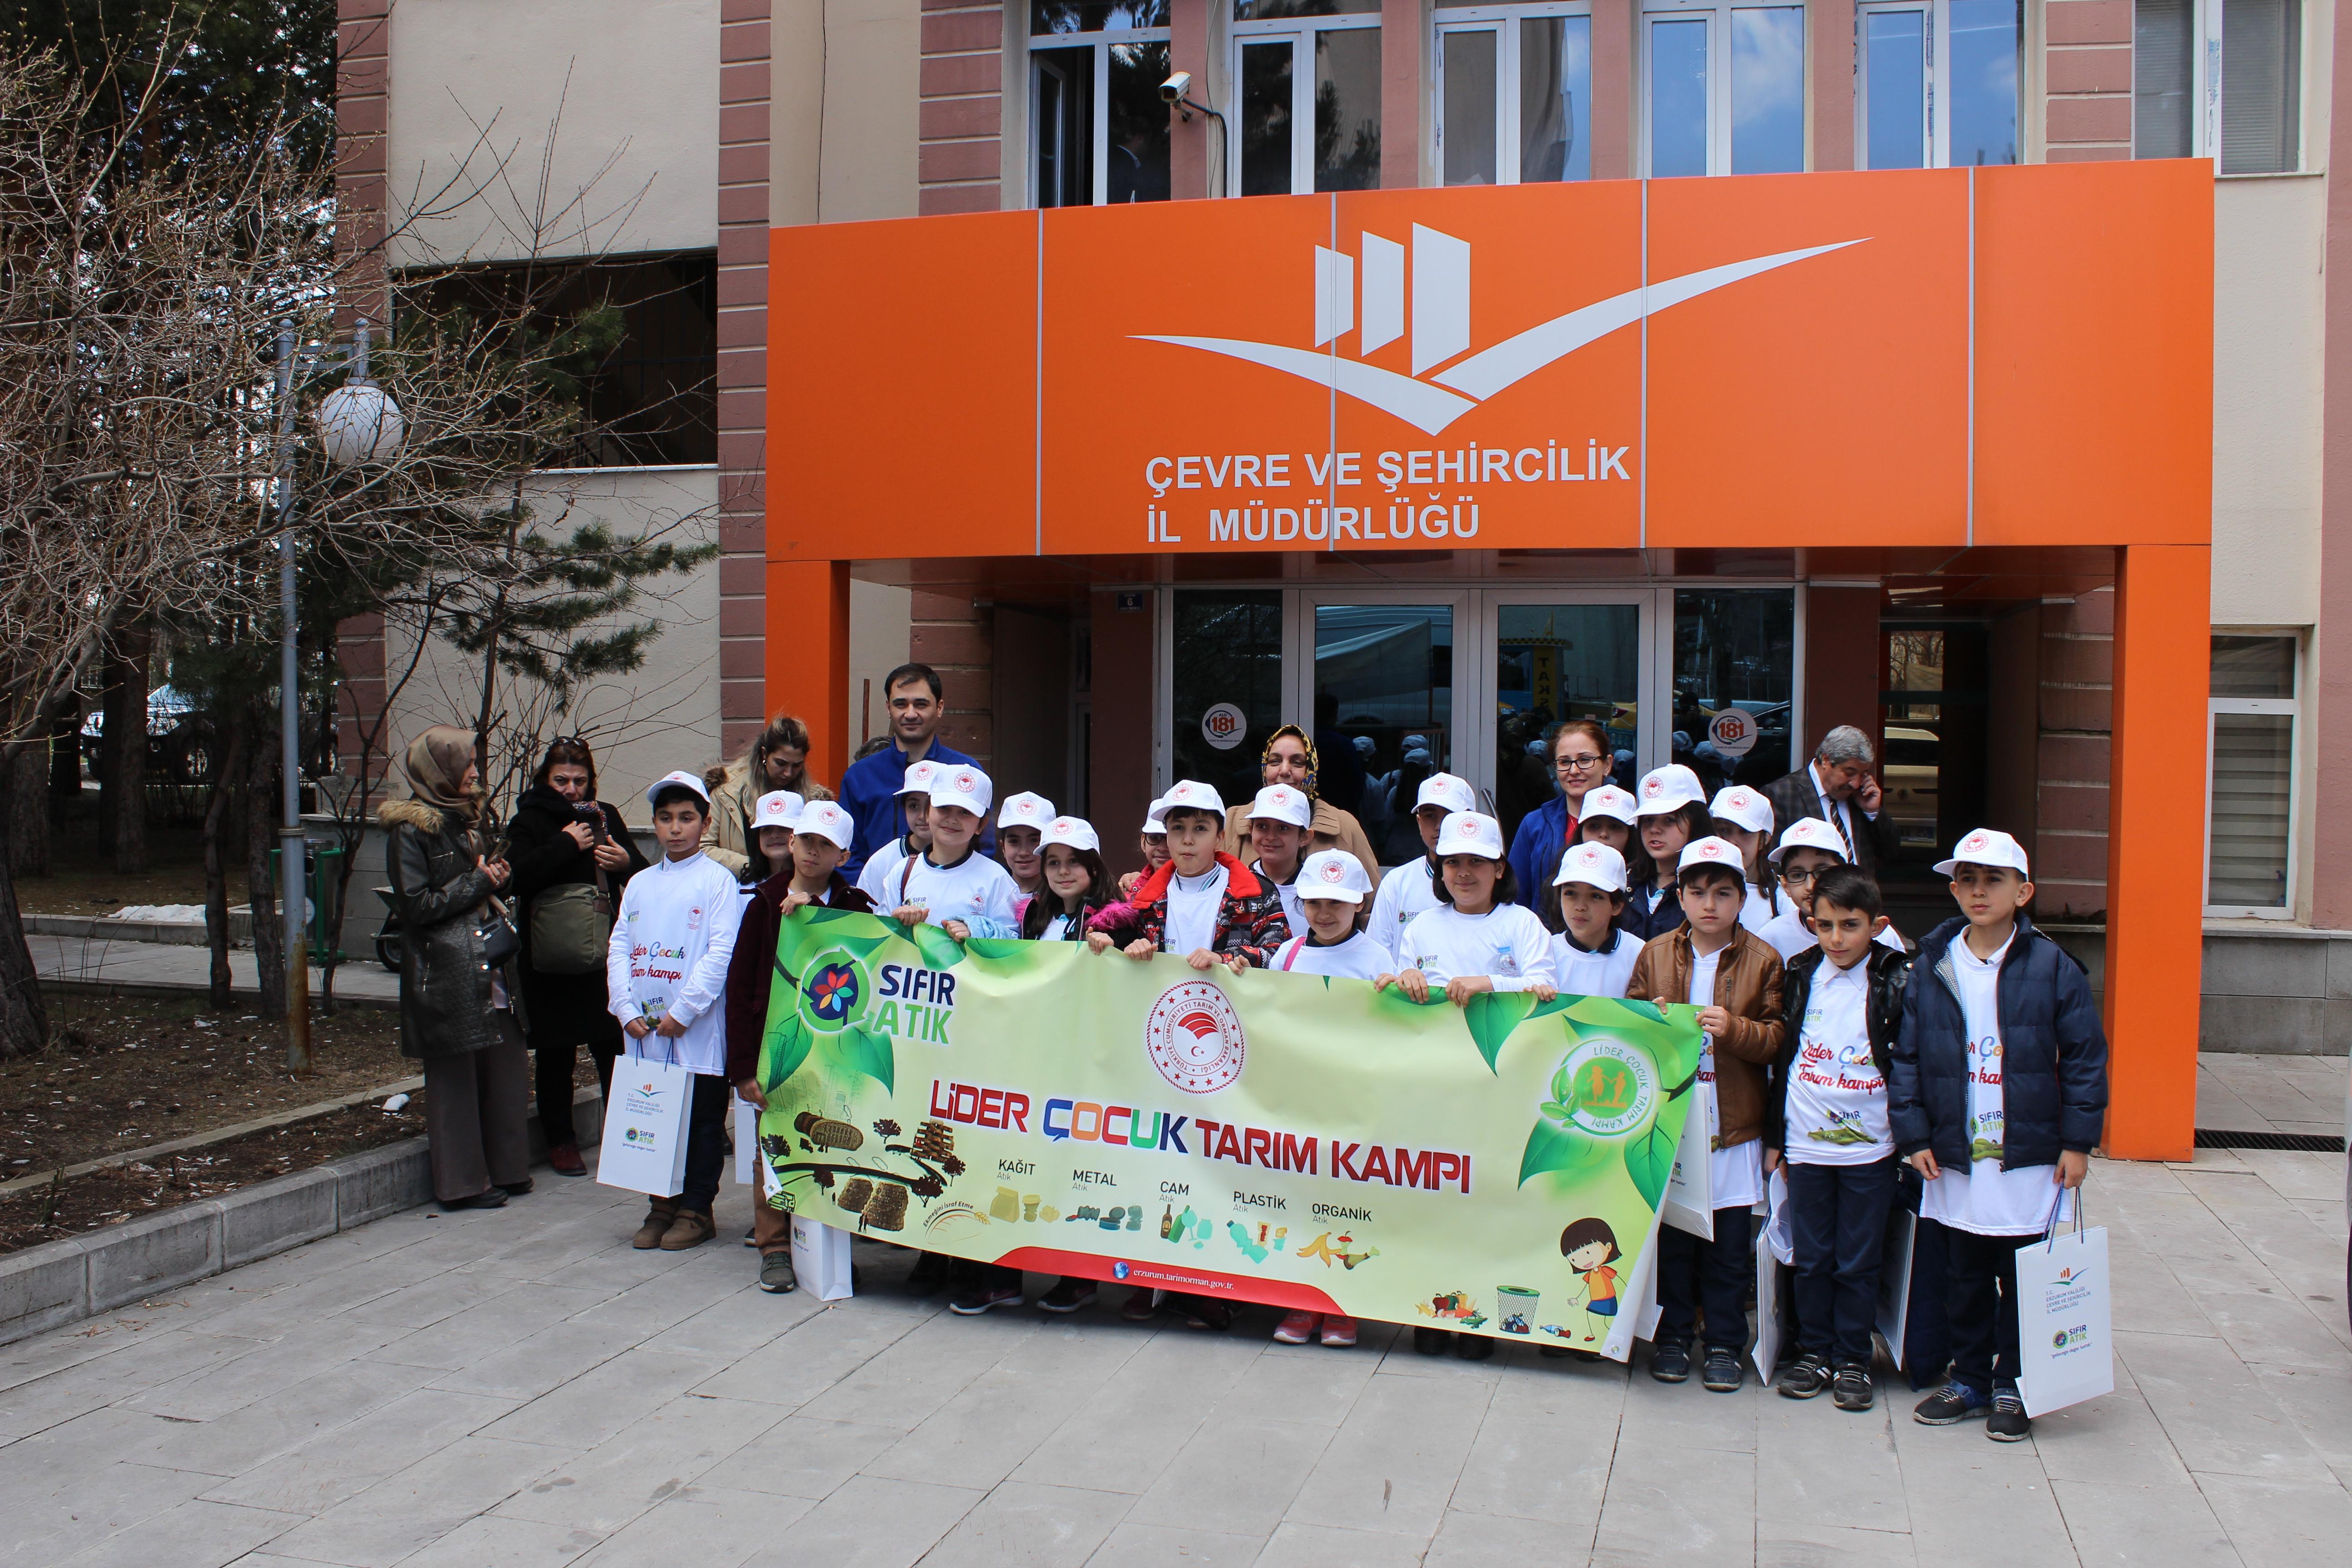 Lider Çocuk Tarım Kampı Öğrencilerine Sıfır Atık Eğitimi